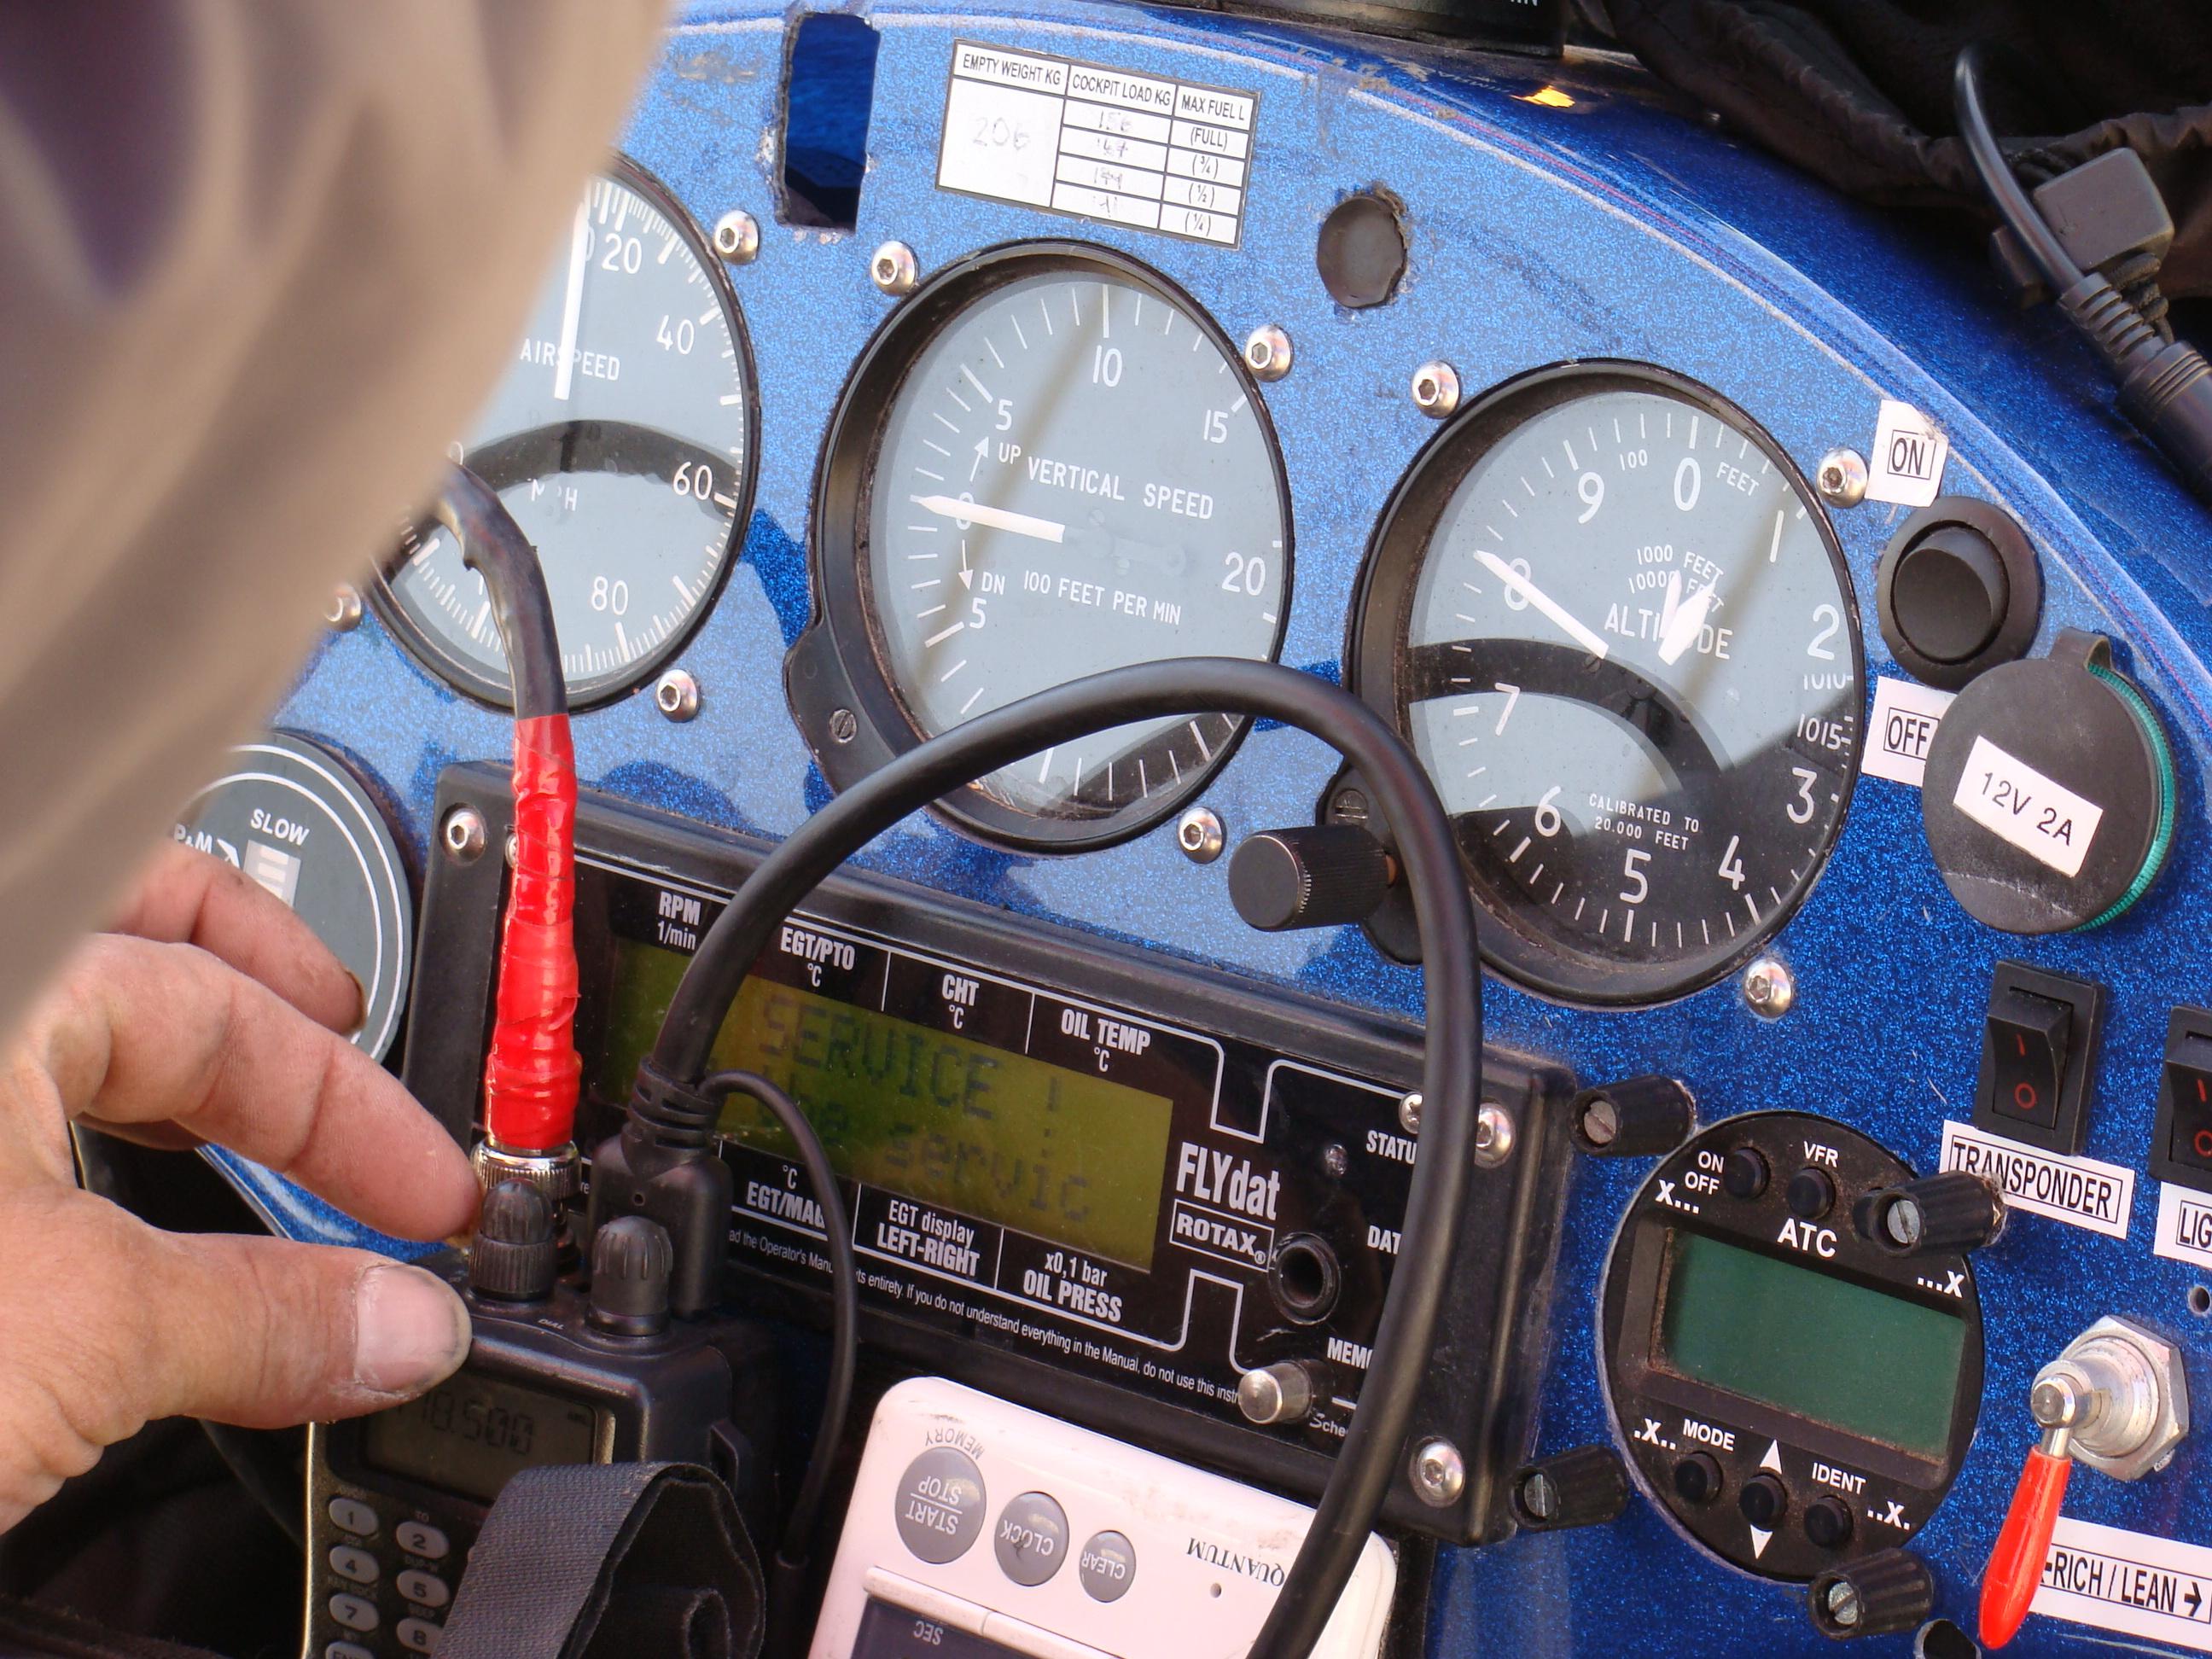 Quik Cockpit